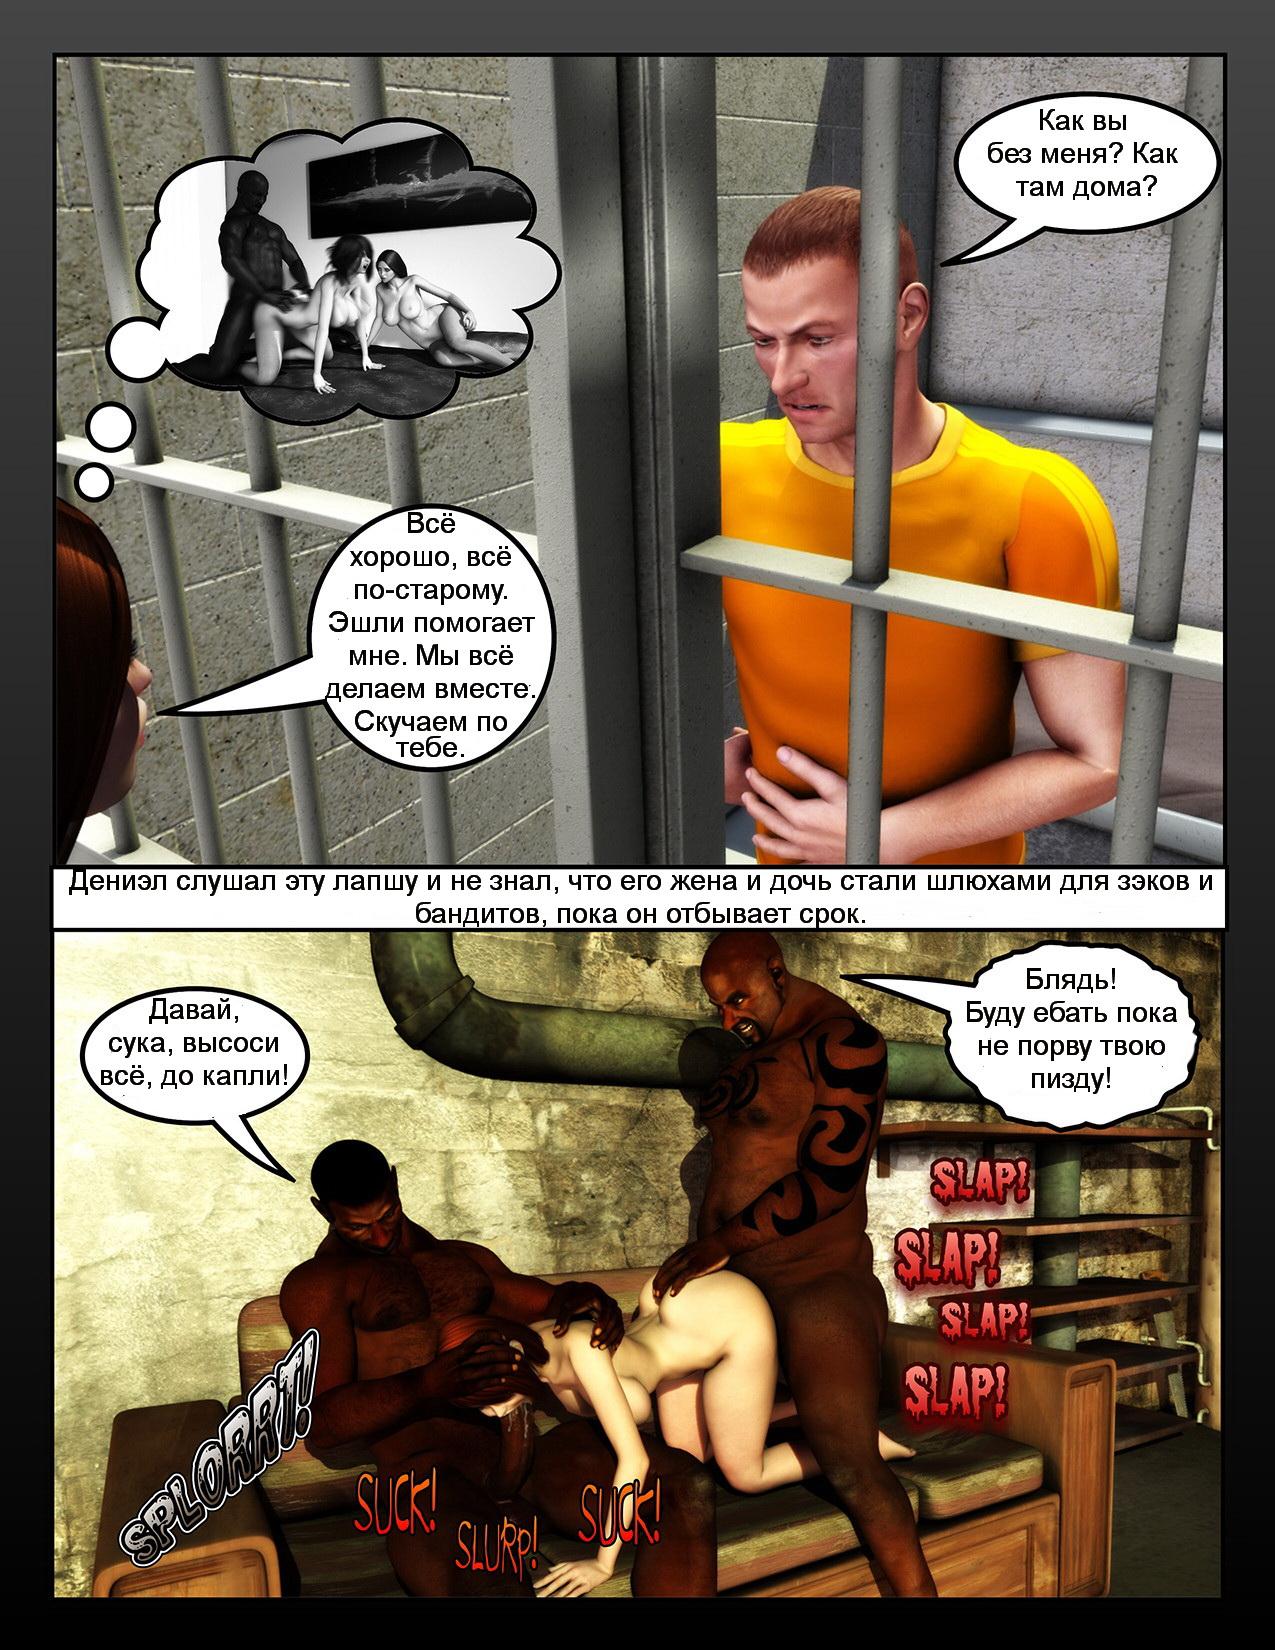 Проститутки с бандитами 19 фотография